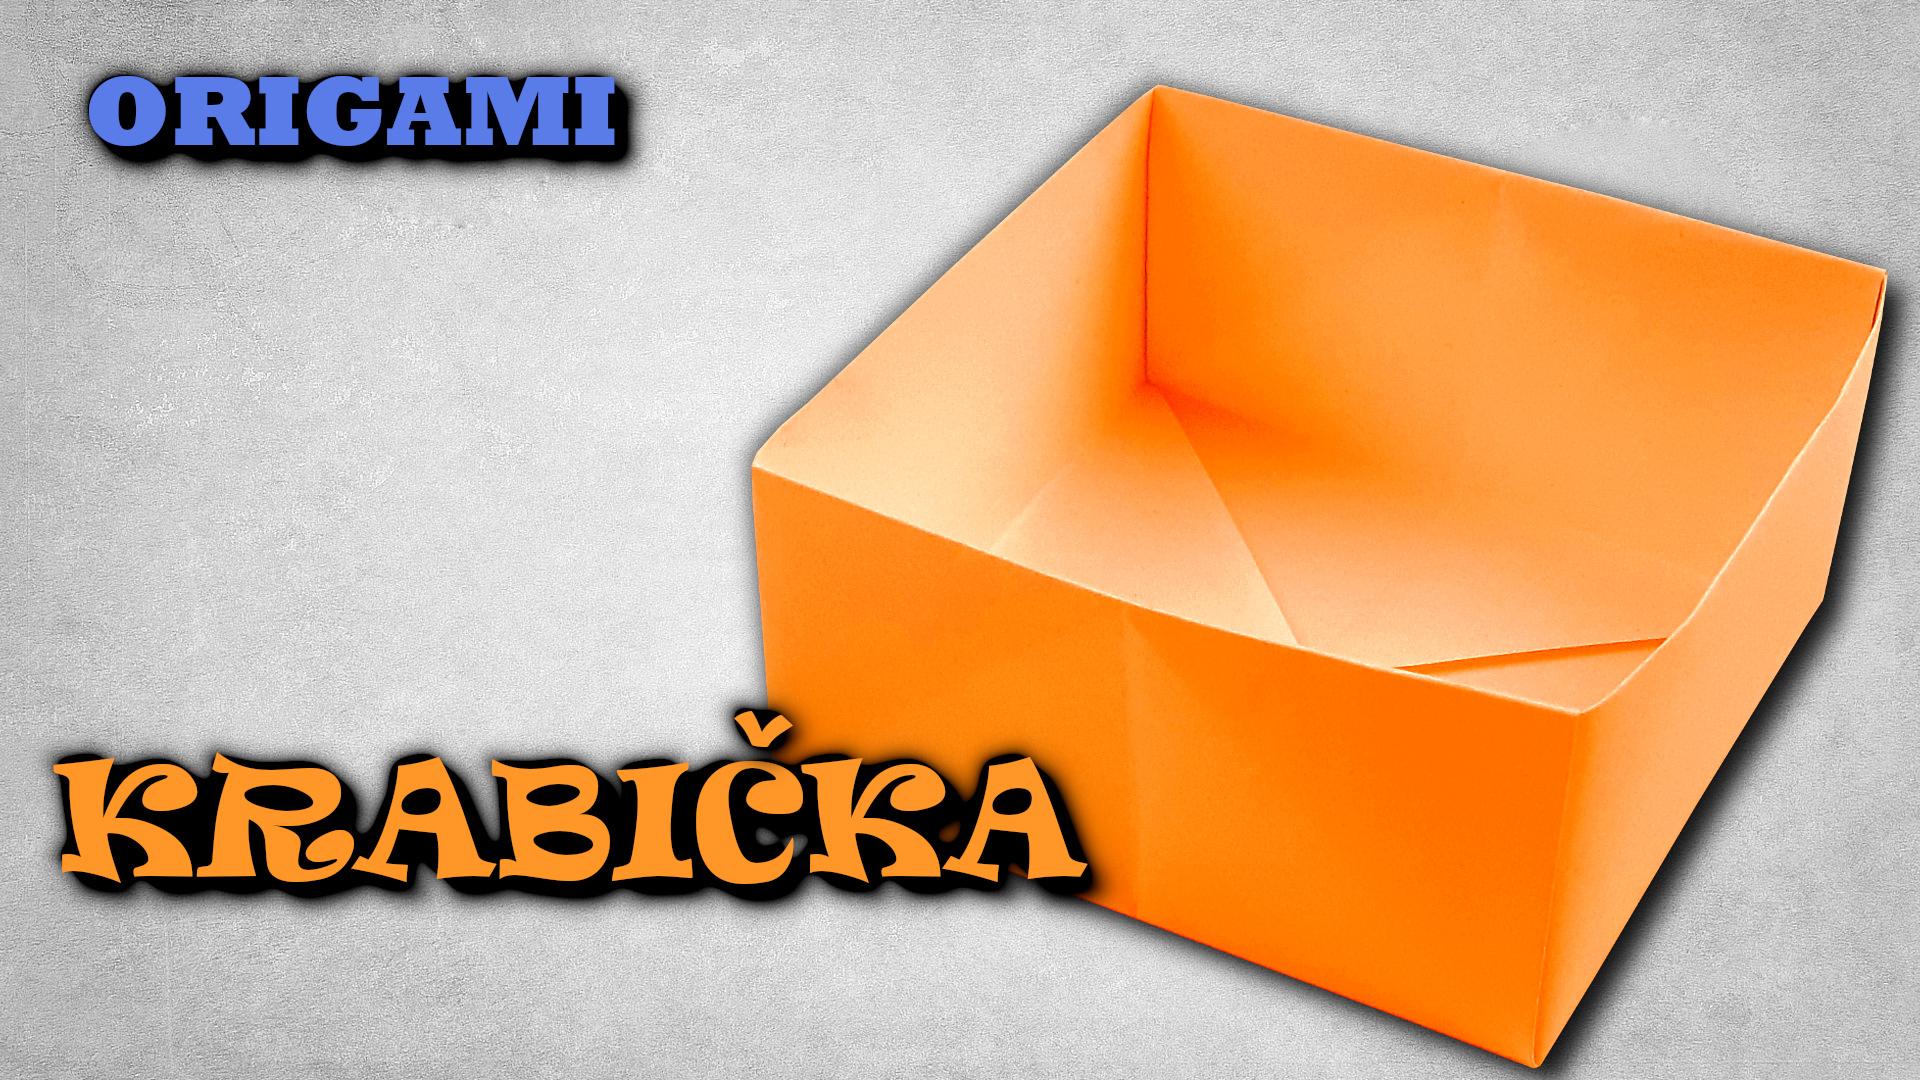 Origami krabička z papíru - jak složit krabičku z papíru A4